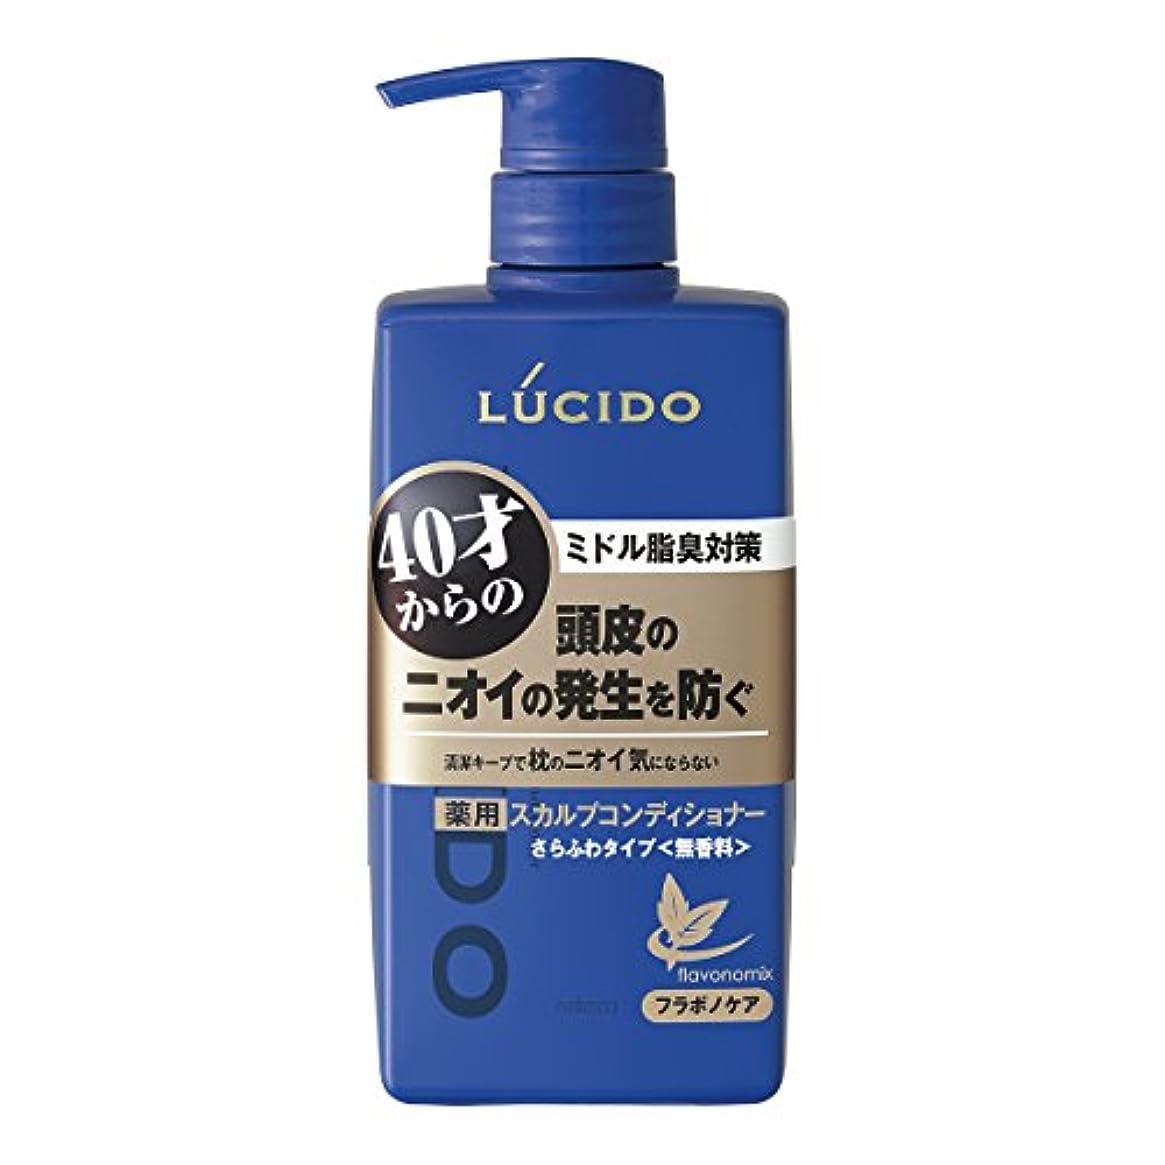 ありふれた傀儡ミルルシード 薬用ヘア&スカルプコンディショナー 450g(医薬部外品)